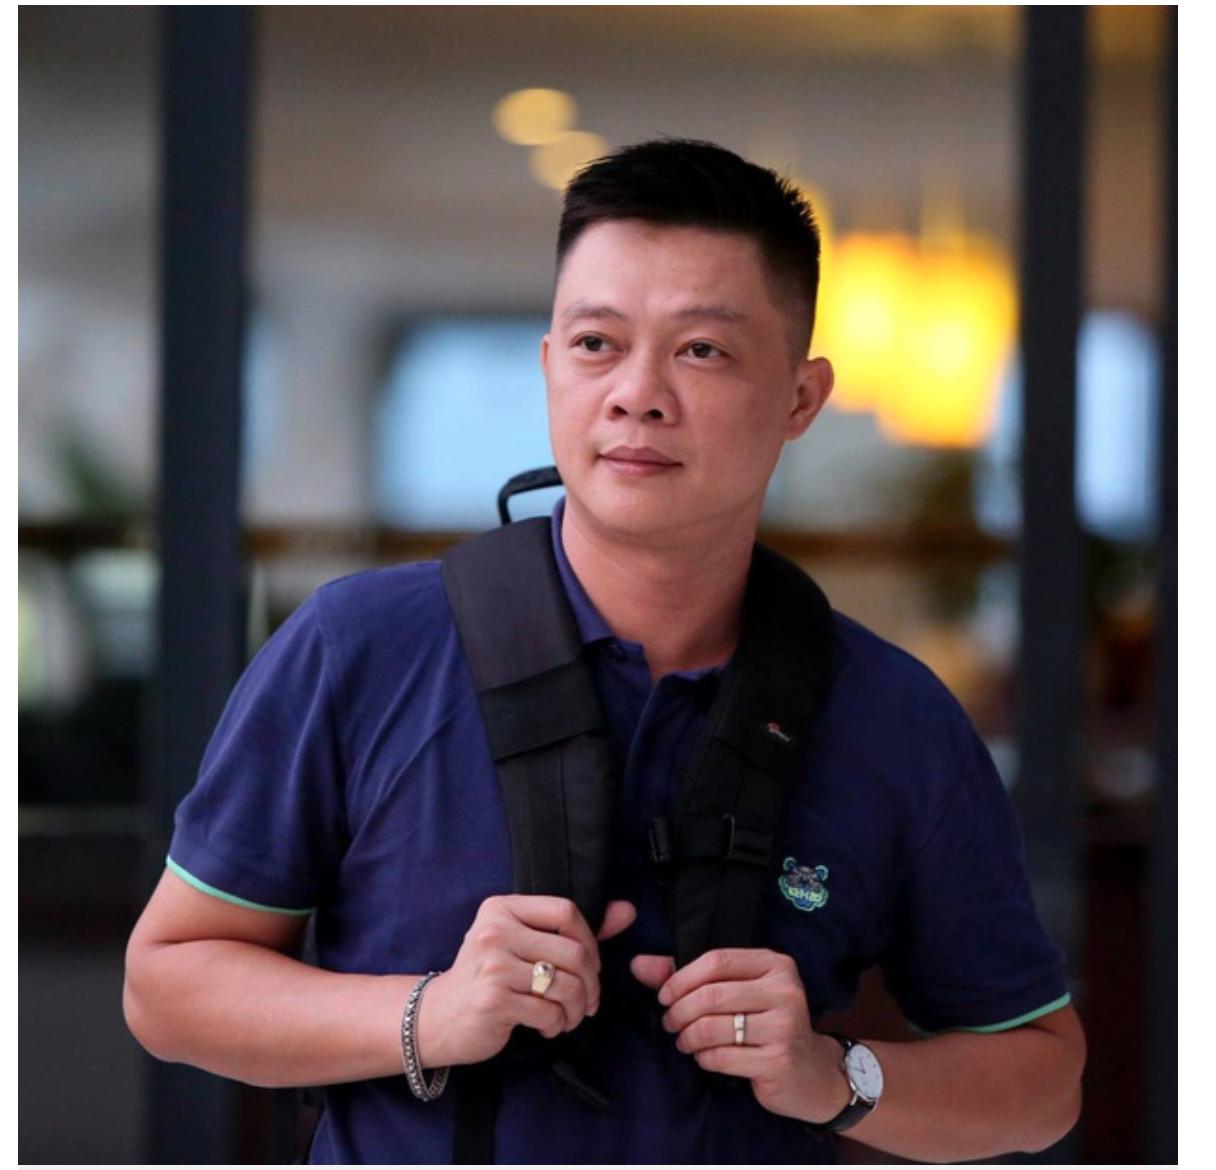 """BTV Quang Minh """"ông bố đông con nhất VTV"""": """"Vợ chồng lục đục suốt ngày vì chuyện con cái"""" - Ảnh 1."""